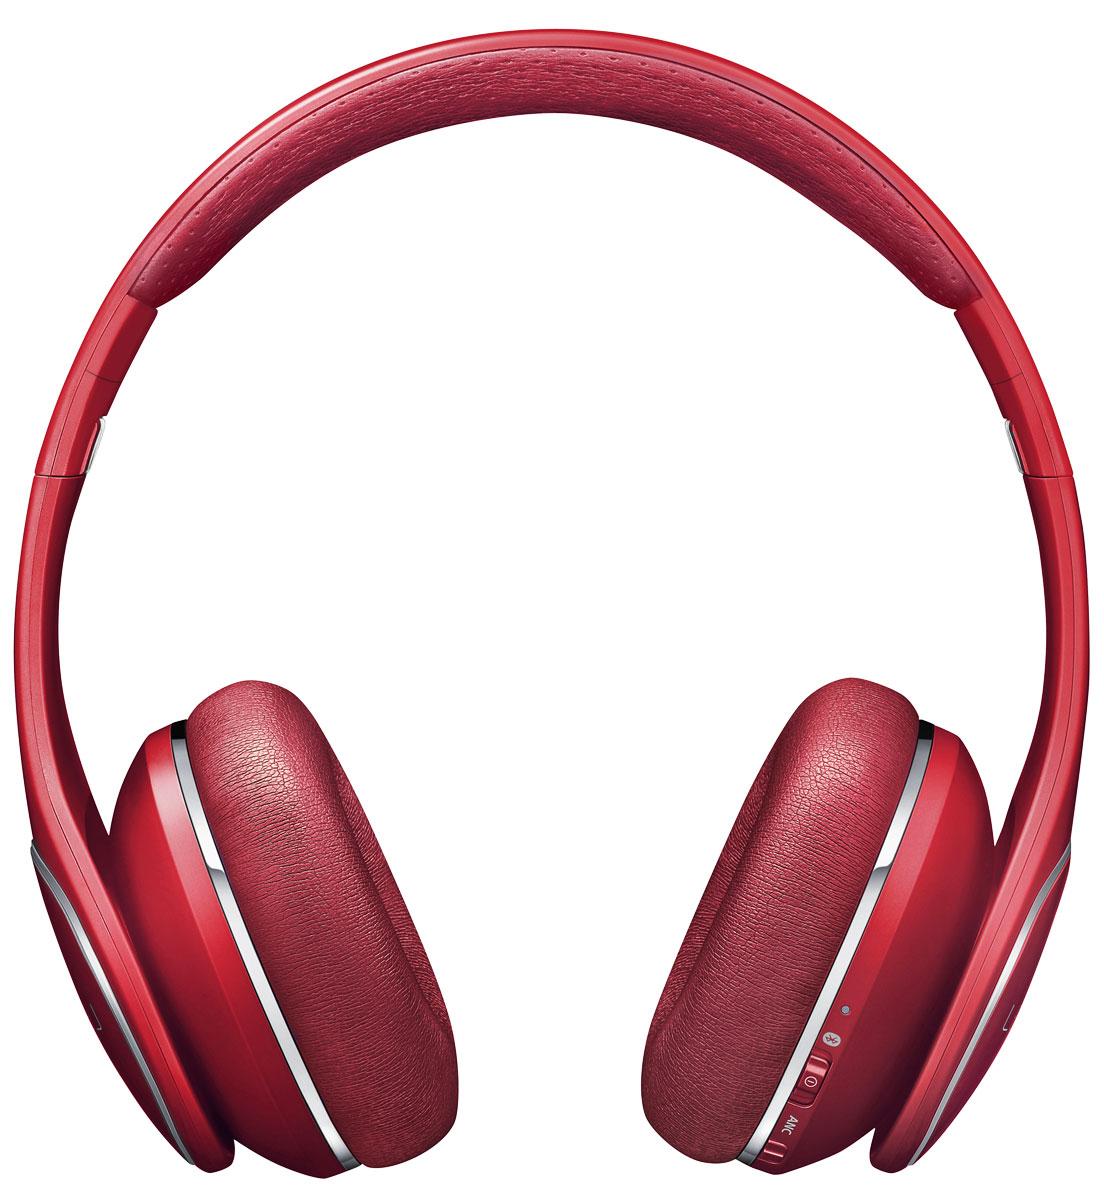 Samsung EO-PN900B Level On, Red беспроводные наушникиEO-PN900BREGRUЖизнь в современном мегаполисе течет быстро и не дает времени остановиться и отдохнуть. Поэтому, всегда приятно насладиться в дороге любимой музыкой в хорошем качестве или новинками мира кино. Именно в этом Вам поможет беспроводная Bluetooth-гарнитура Samsung EO-PN900Гарнитура снабжена высококачественными 40 мм динамиками, которые прекрасно справляются с воспроизведением музыки даже в самом высоком качестве, а встроенные кнопки управления и микрофон позволят Вам даже не вынимать телефон из сумки или кармана для переключения песен, управления громкостью или принятия звонков. Bluetooth версии 3.0 обеспечивает прекрасное качество соединения и скорость передачи данных, что позволяет добиться великолепного качества звукаВеликолепный стильный дизайн Samsung EO-PN900 не только прекрасно выглядит, но и, благодаря использованию самых качественных материалов, очень надежен и прочен. Приятные мягкие амбушюры и оголовье не сильно давят на уши и обеспечивают отличный уровень комфорта